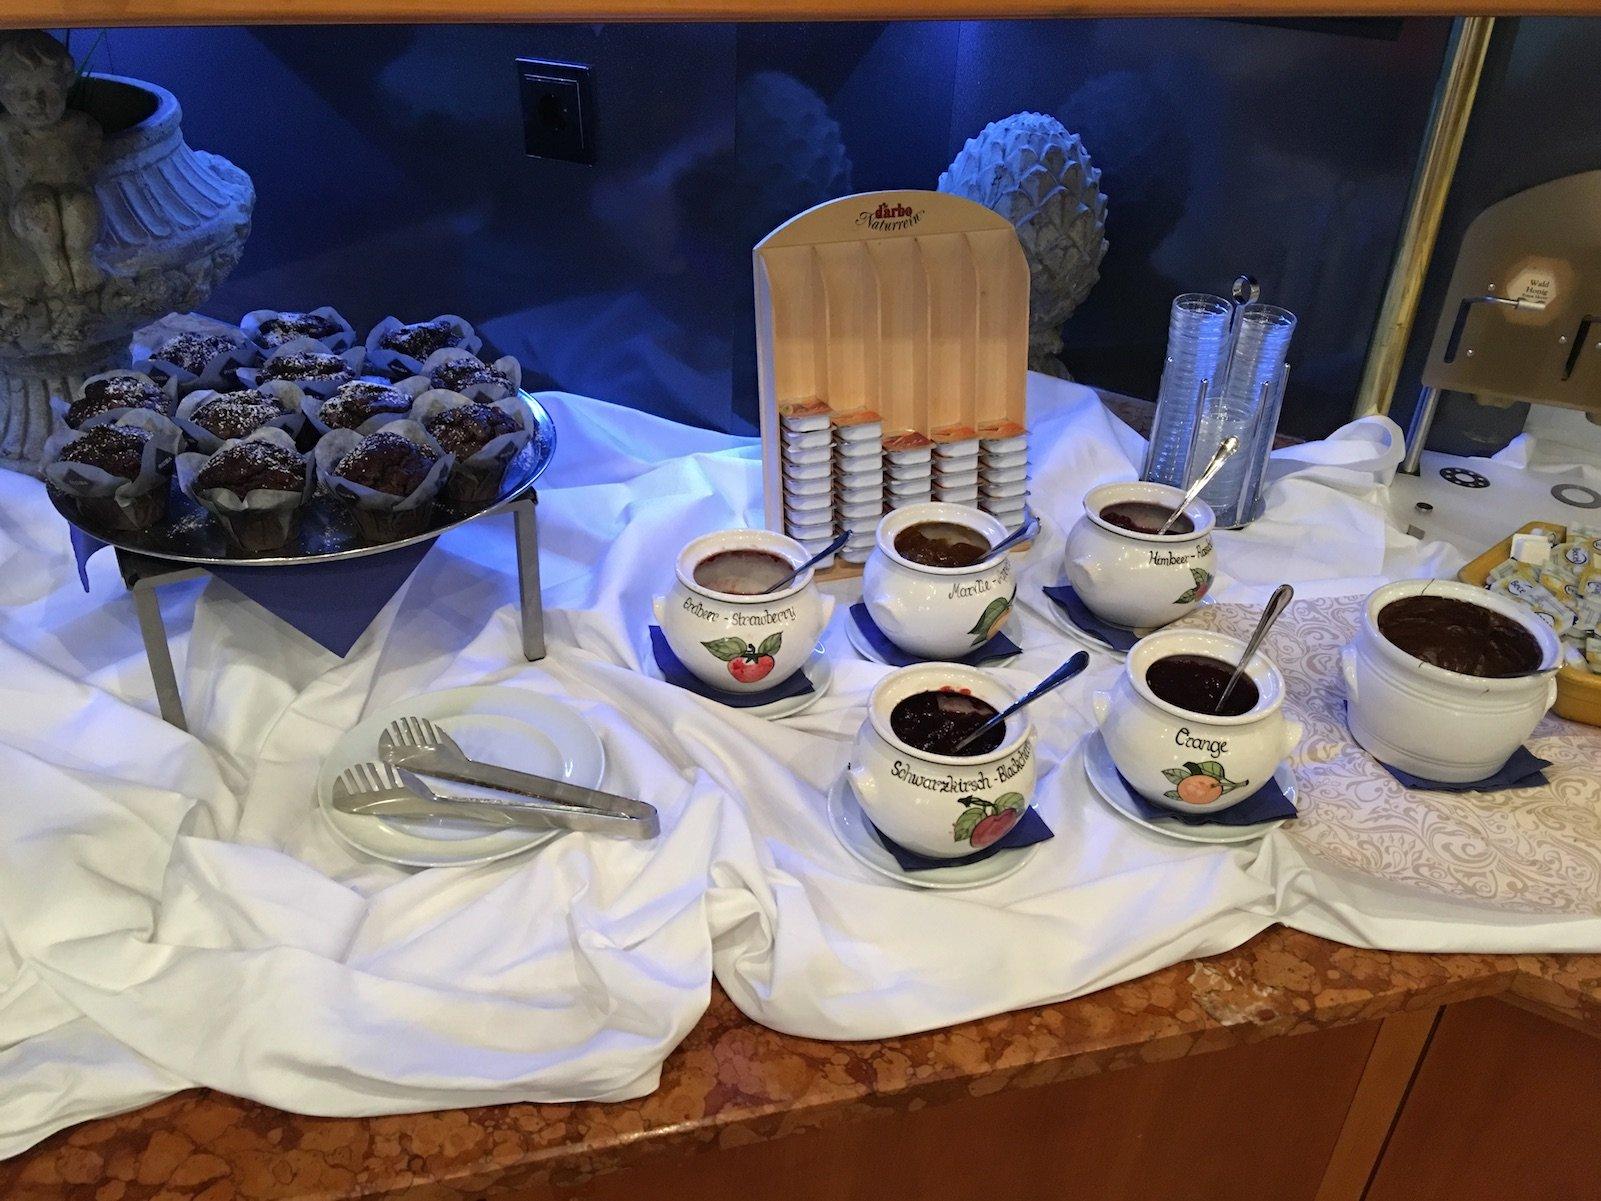 Marmelade und Muffins zum Frühstück im Luitpoldpark-Hotel in Füssen